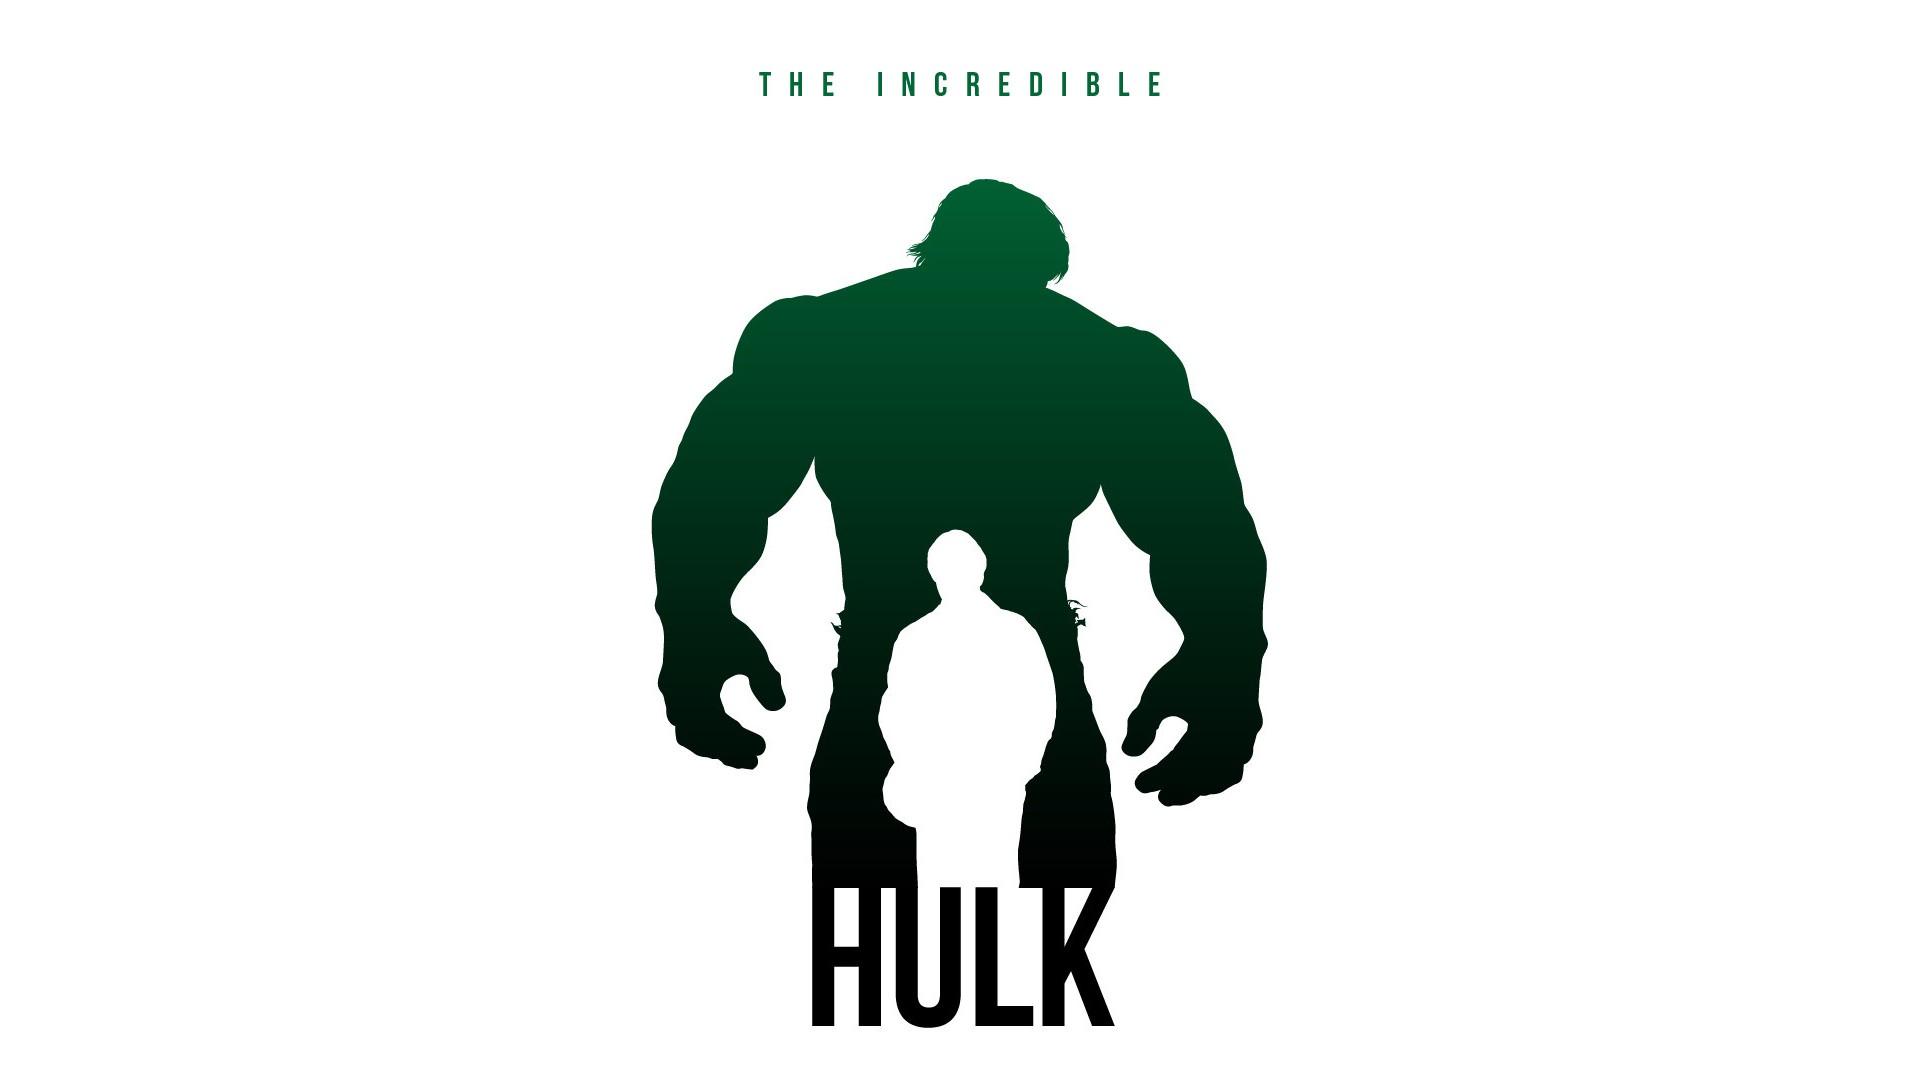 batman vs superman Hulk Wallpaper Android Images 1920x1080